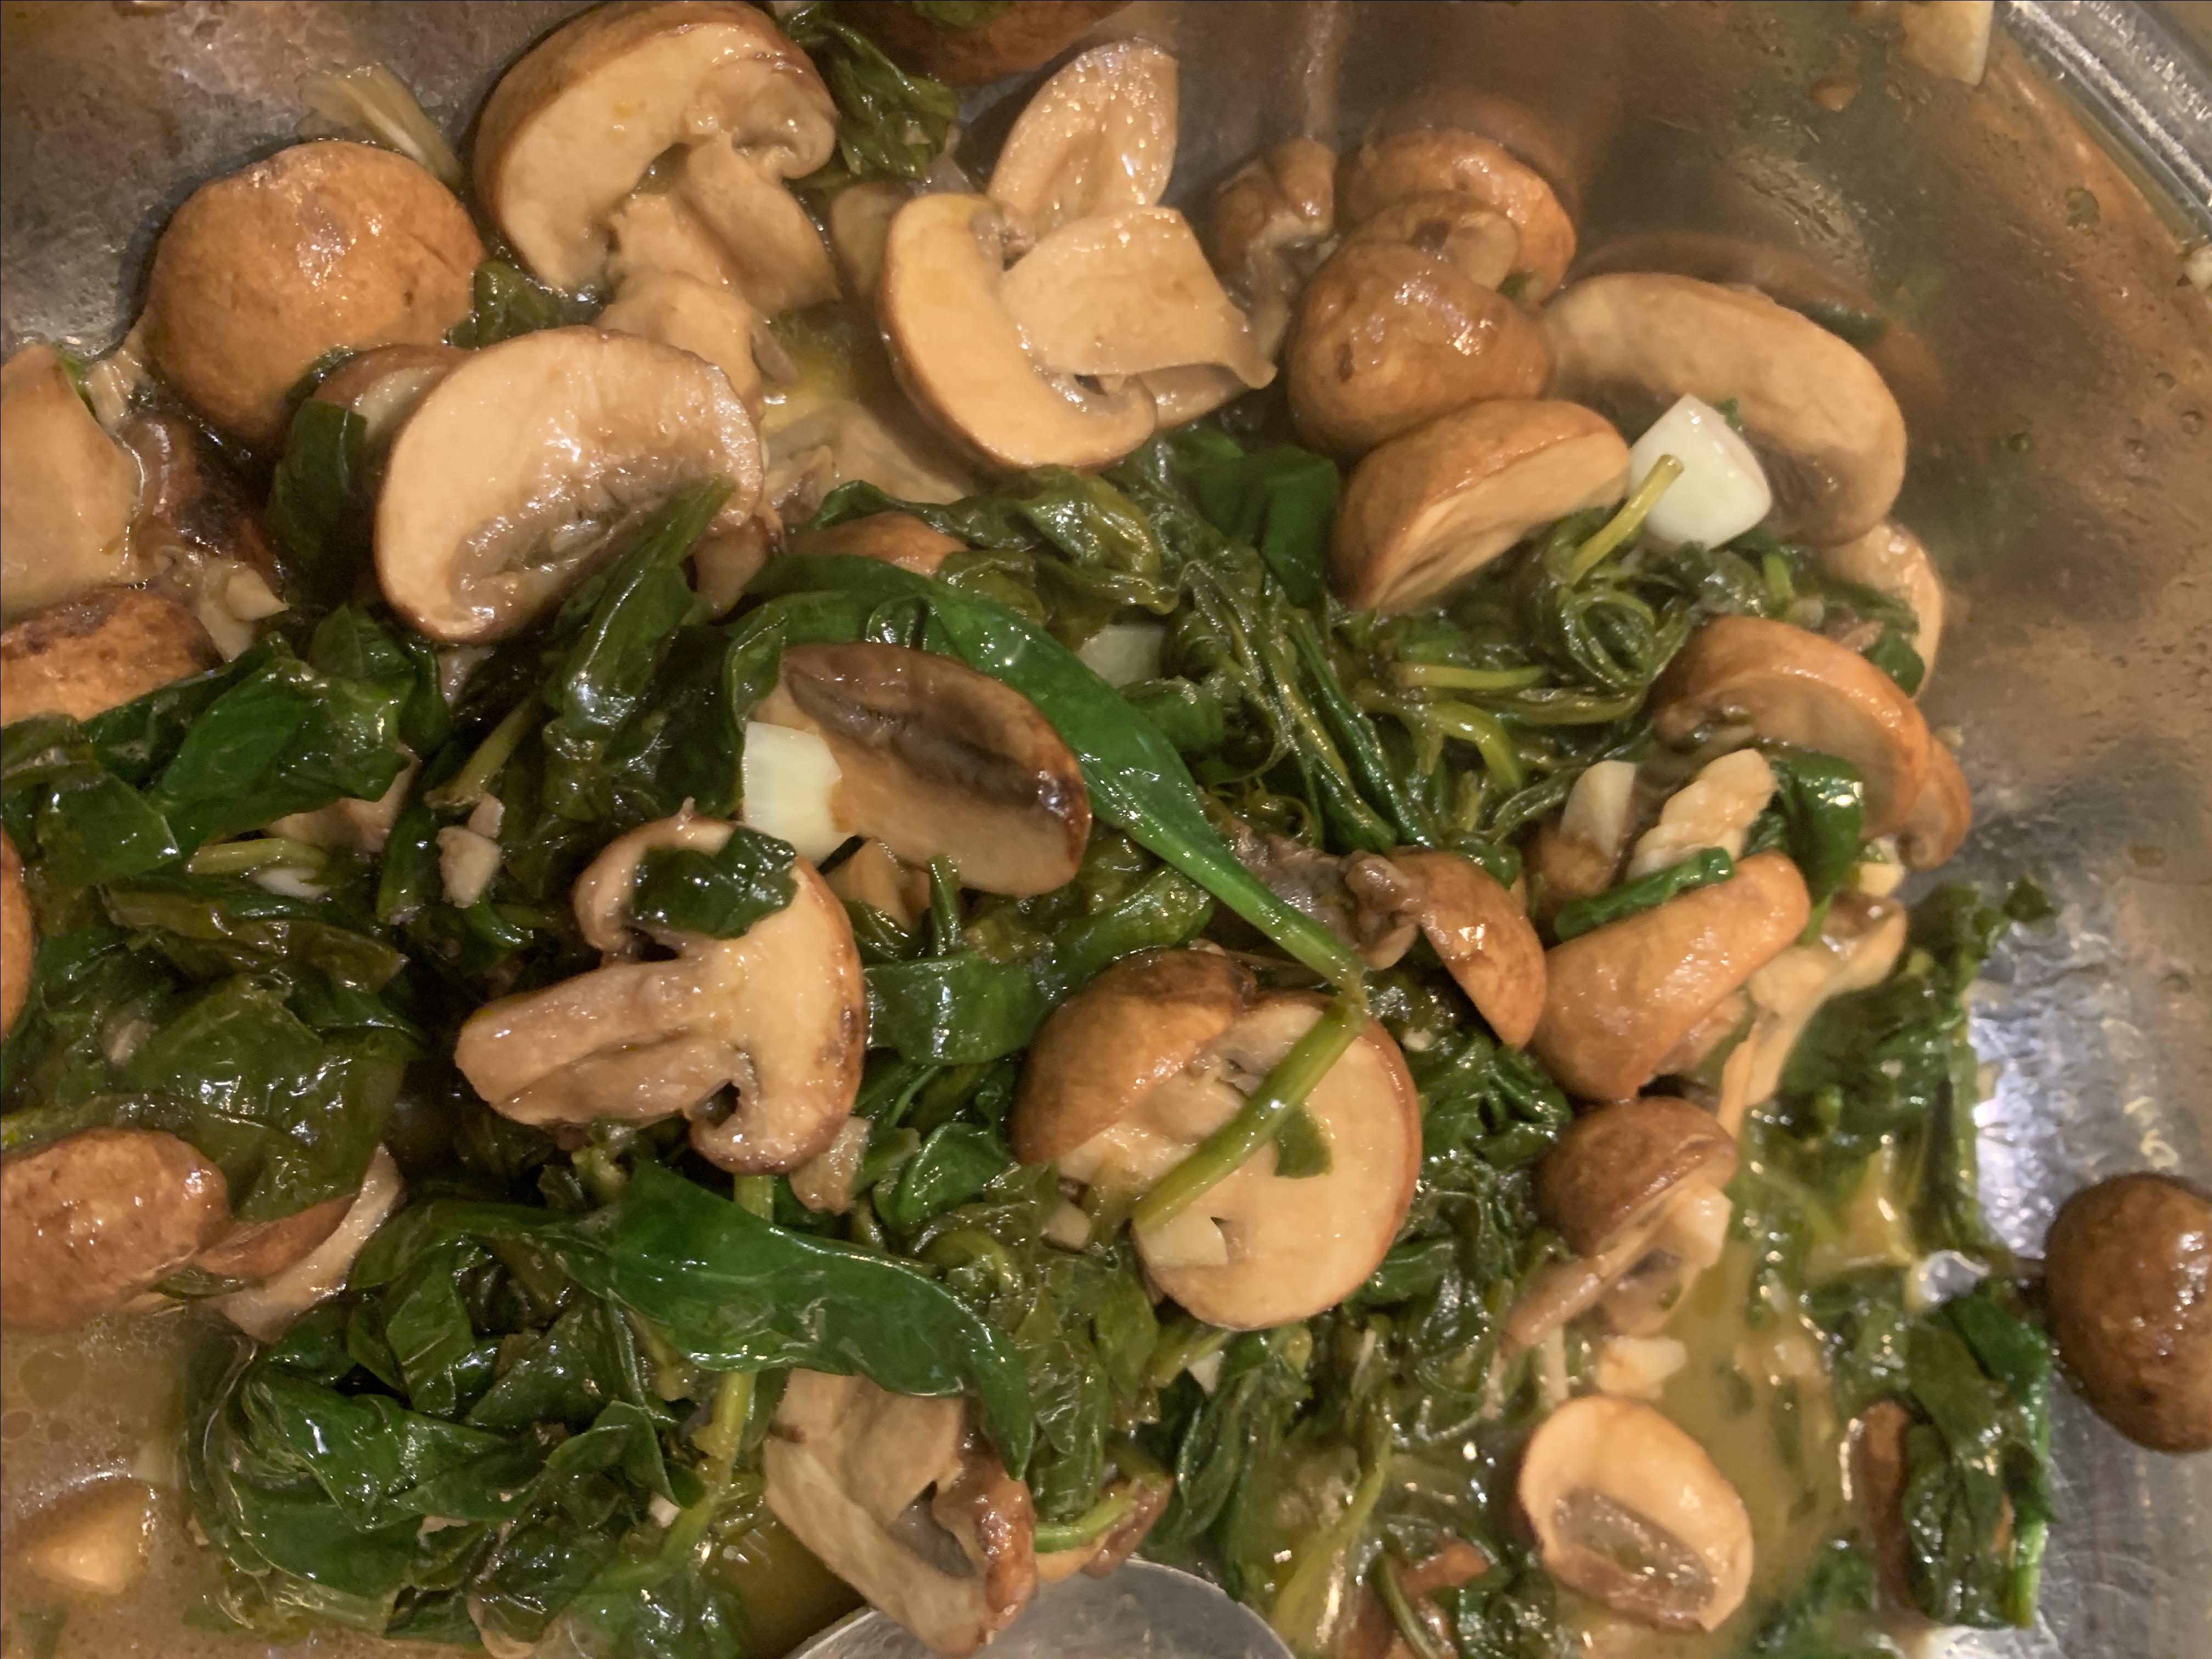 Balsamic-Garlic Spinach and Mushrooms